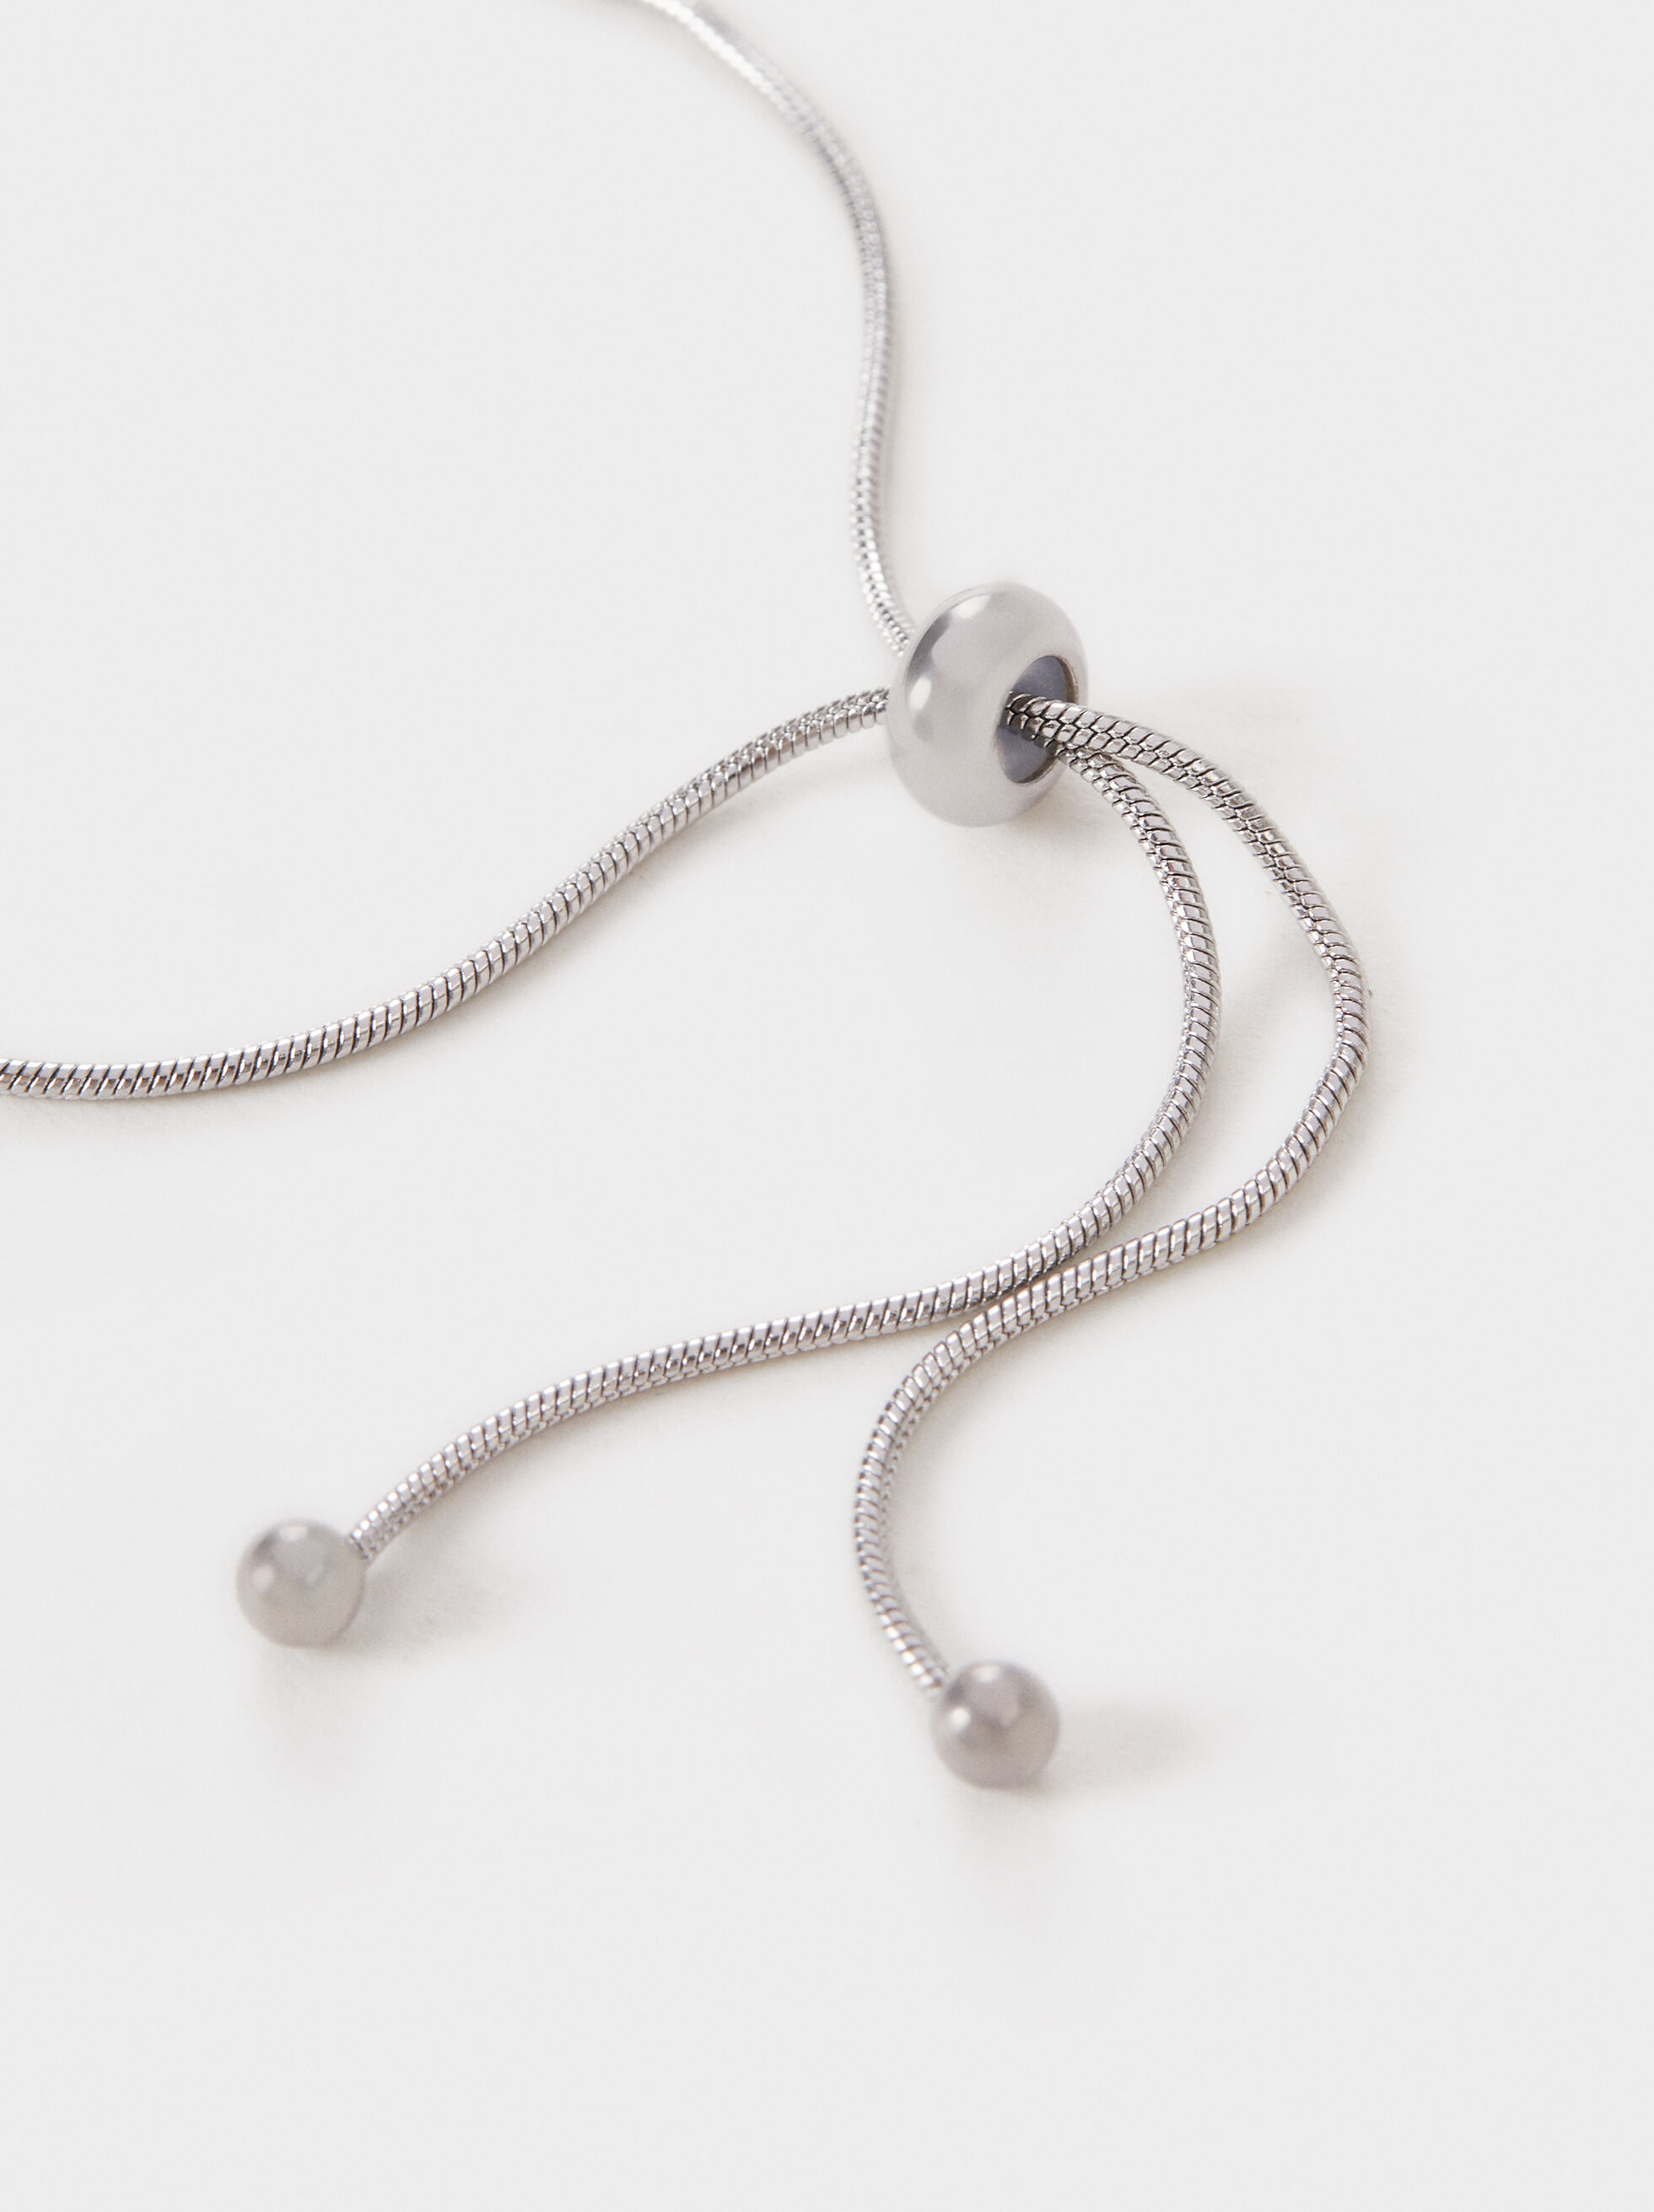 Adjustable Steel Bracelet With Shamrock, Silver, hi-res